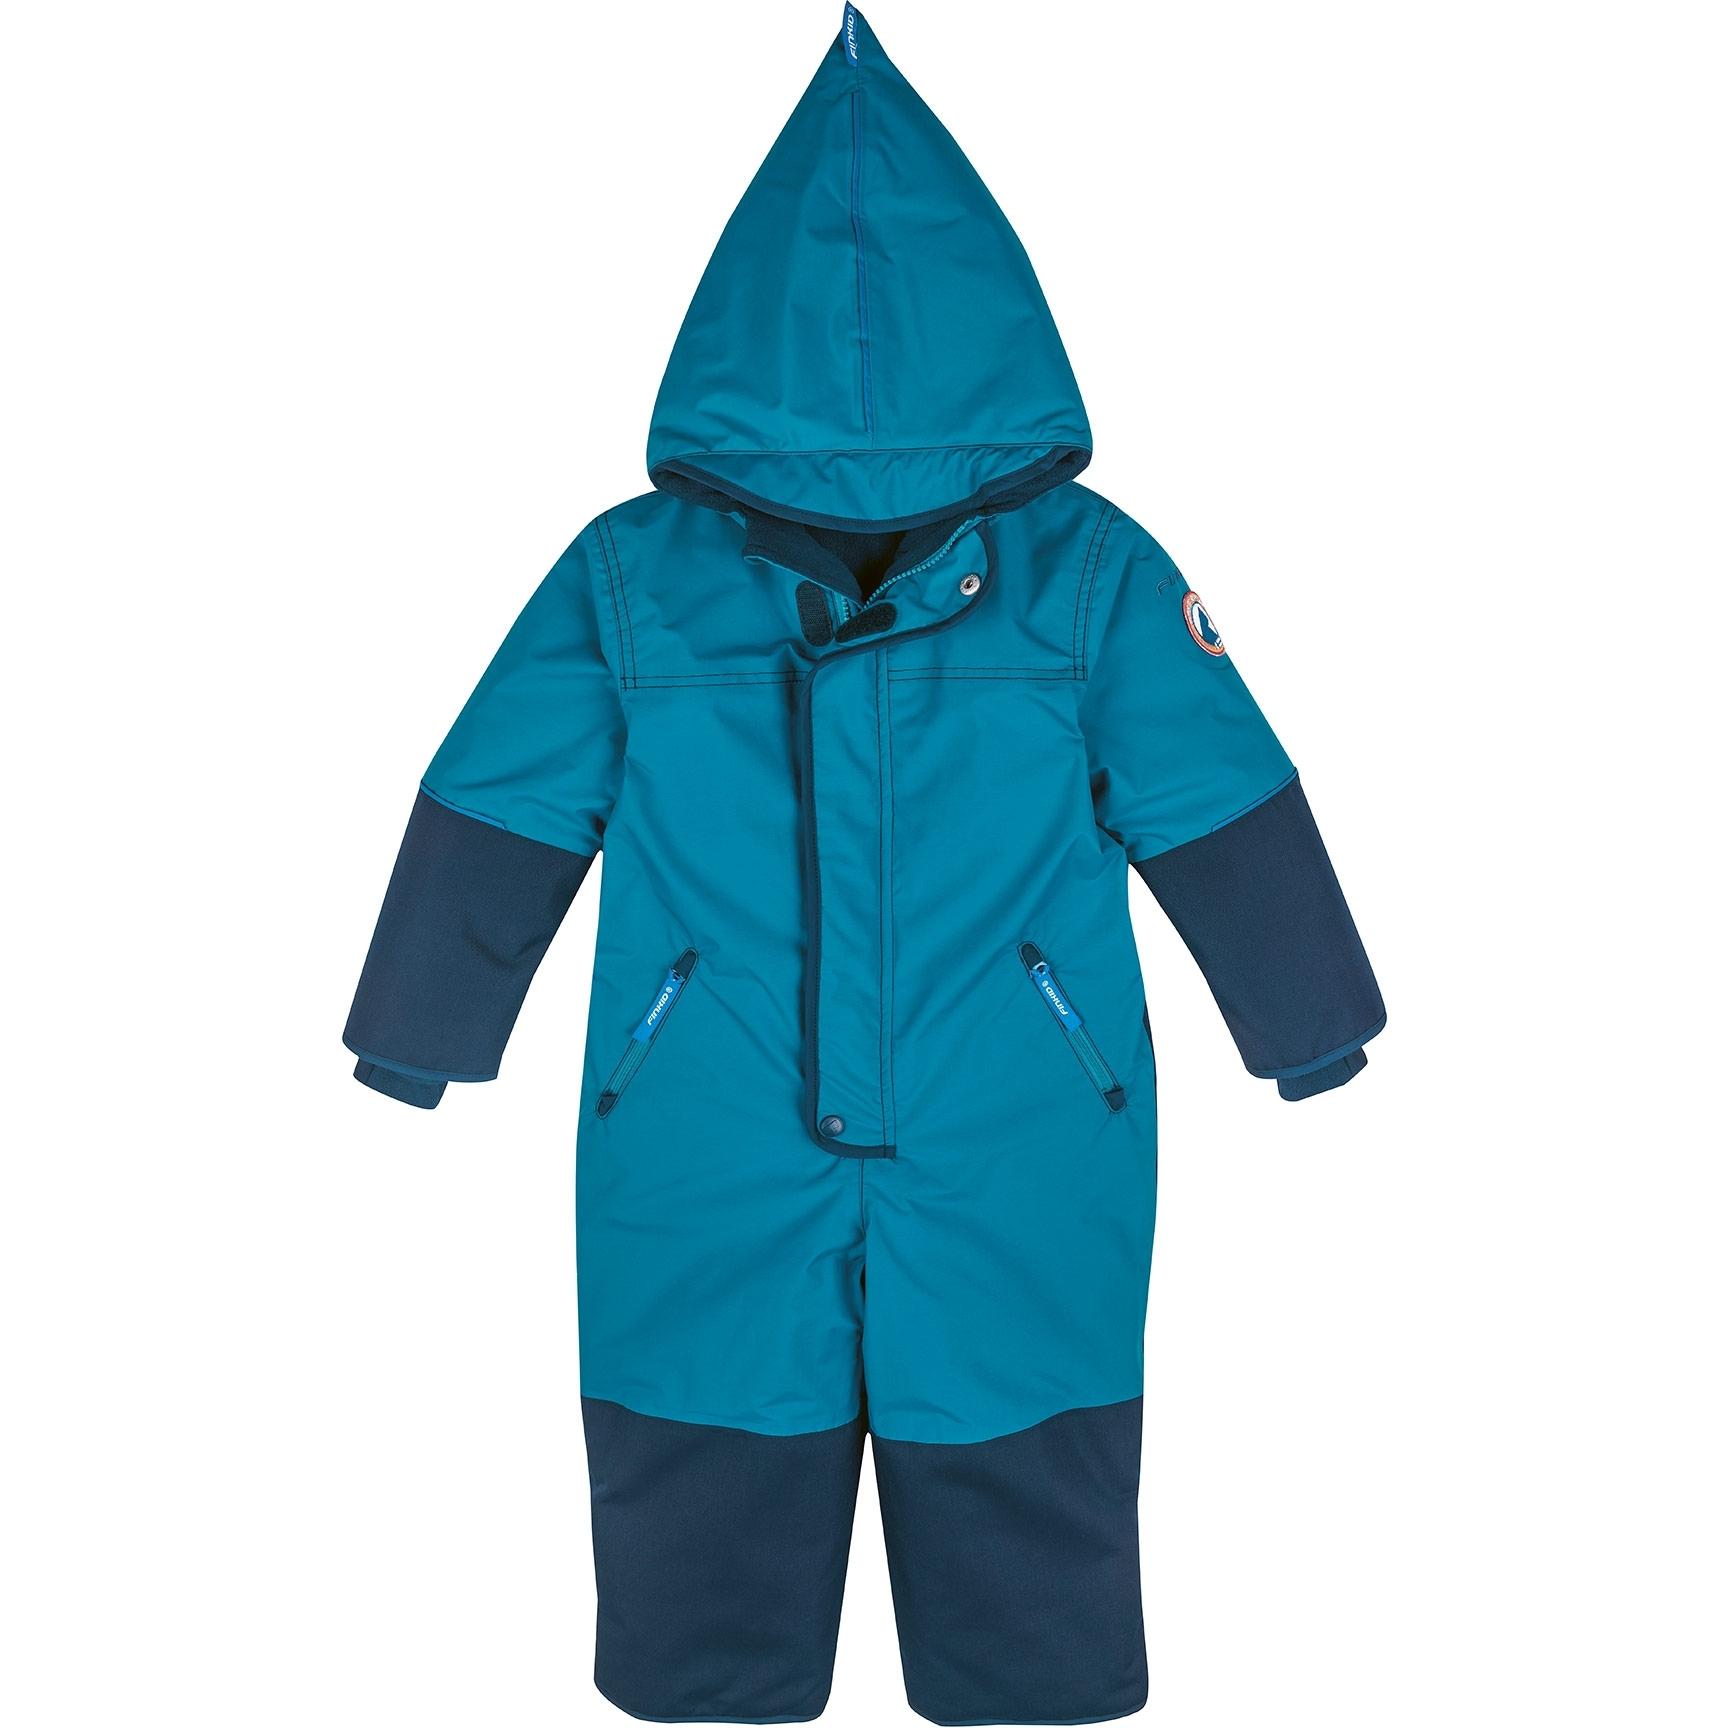 Finkid HUSKY HAALARI Kids Winter Overall 1213003 - seaport/navy